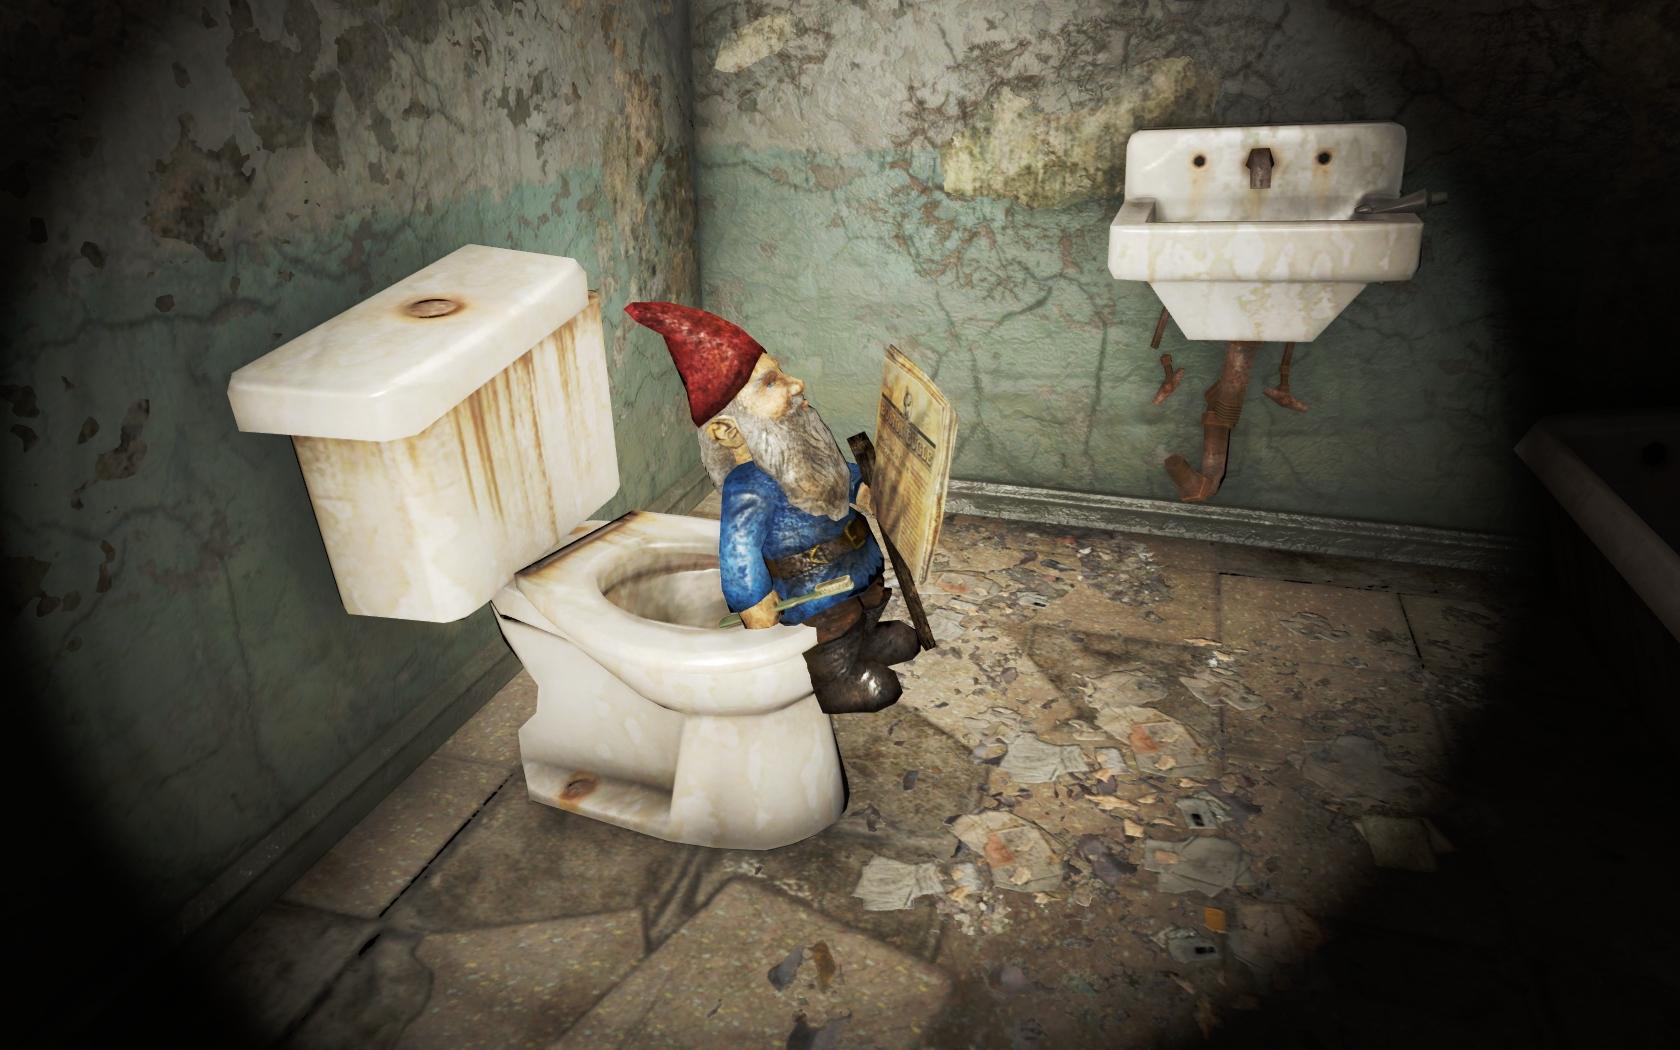 Садовый гном с зубной щёткой читает газету на толчке (Фар-Харбор, Гранд-отель Харбор) v2 - Fallout 4 Гранд-отель Харбор, Садовый гном, юмор